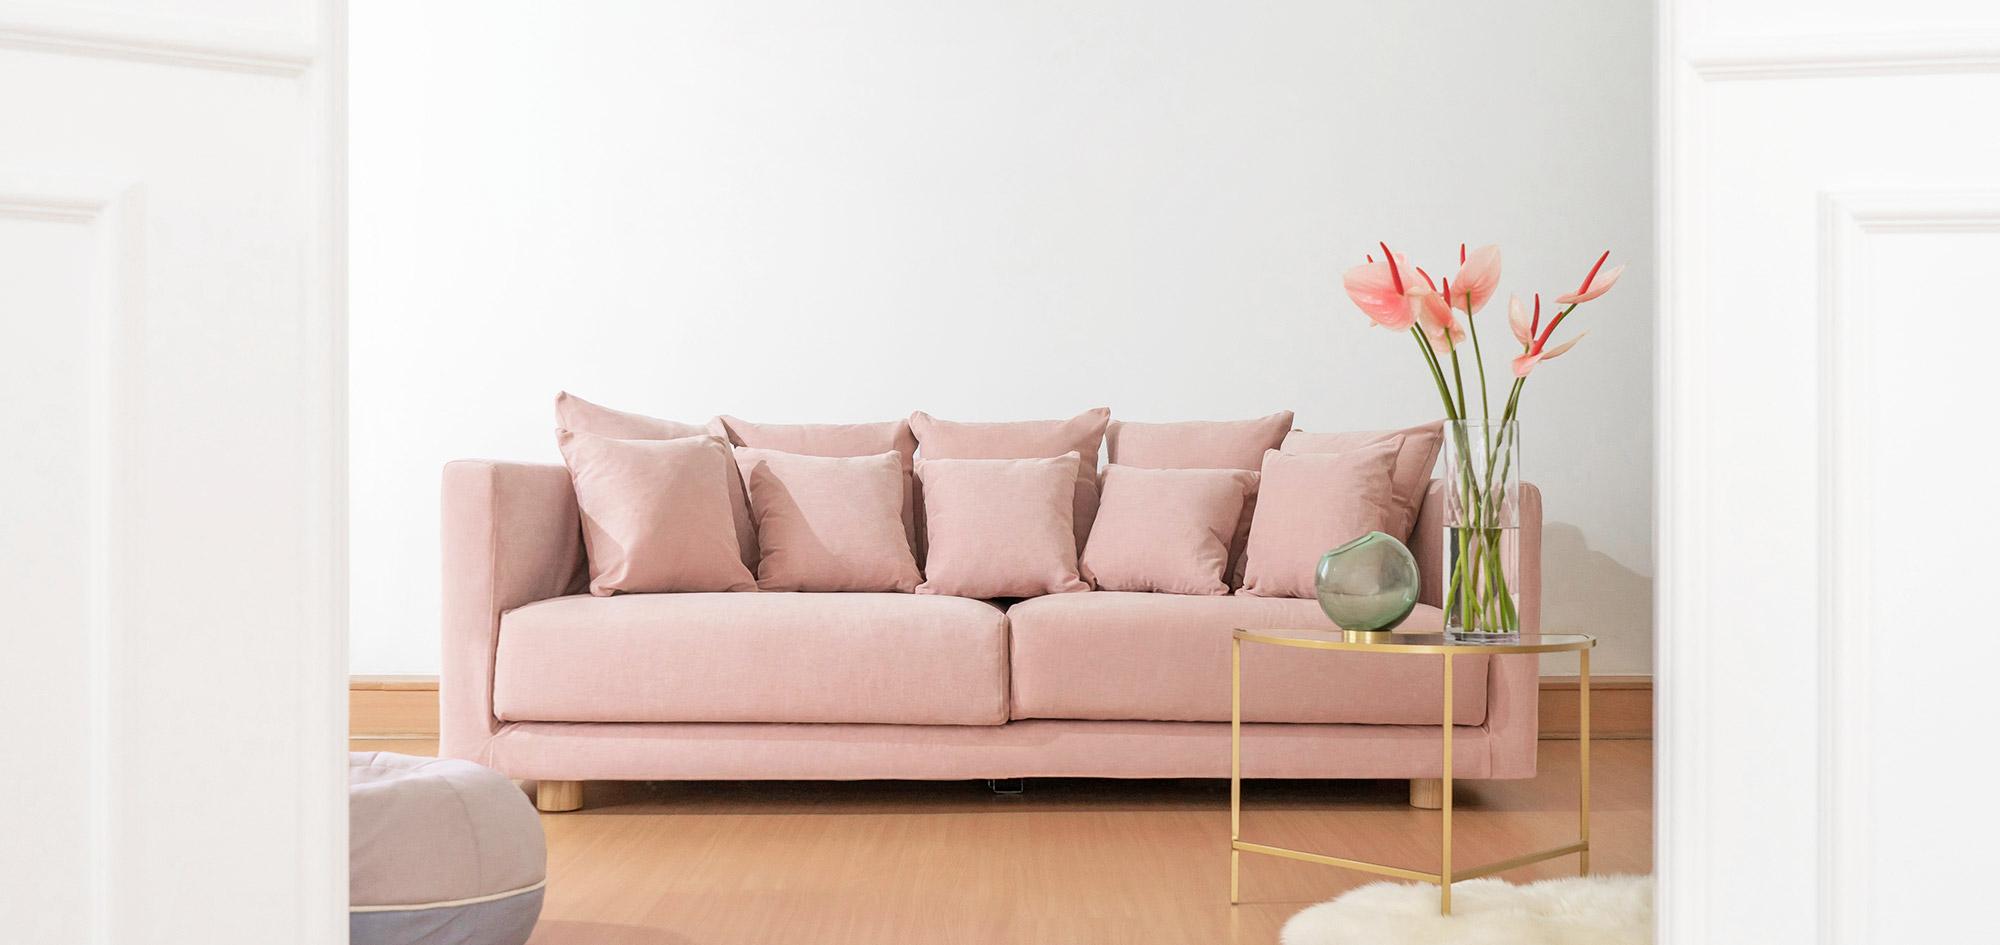 Sofa mit pinker Baumwolle bezogen